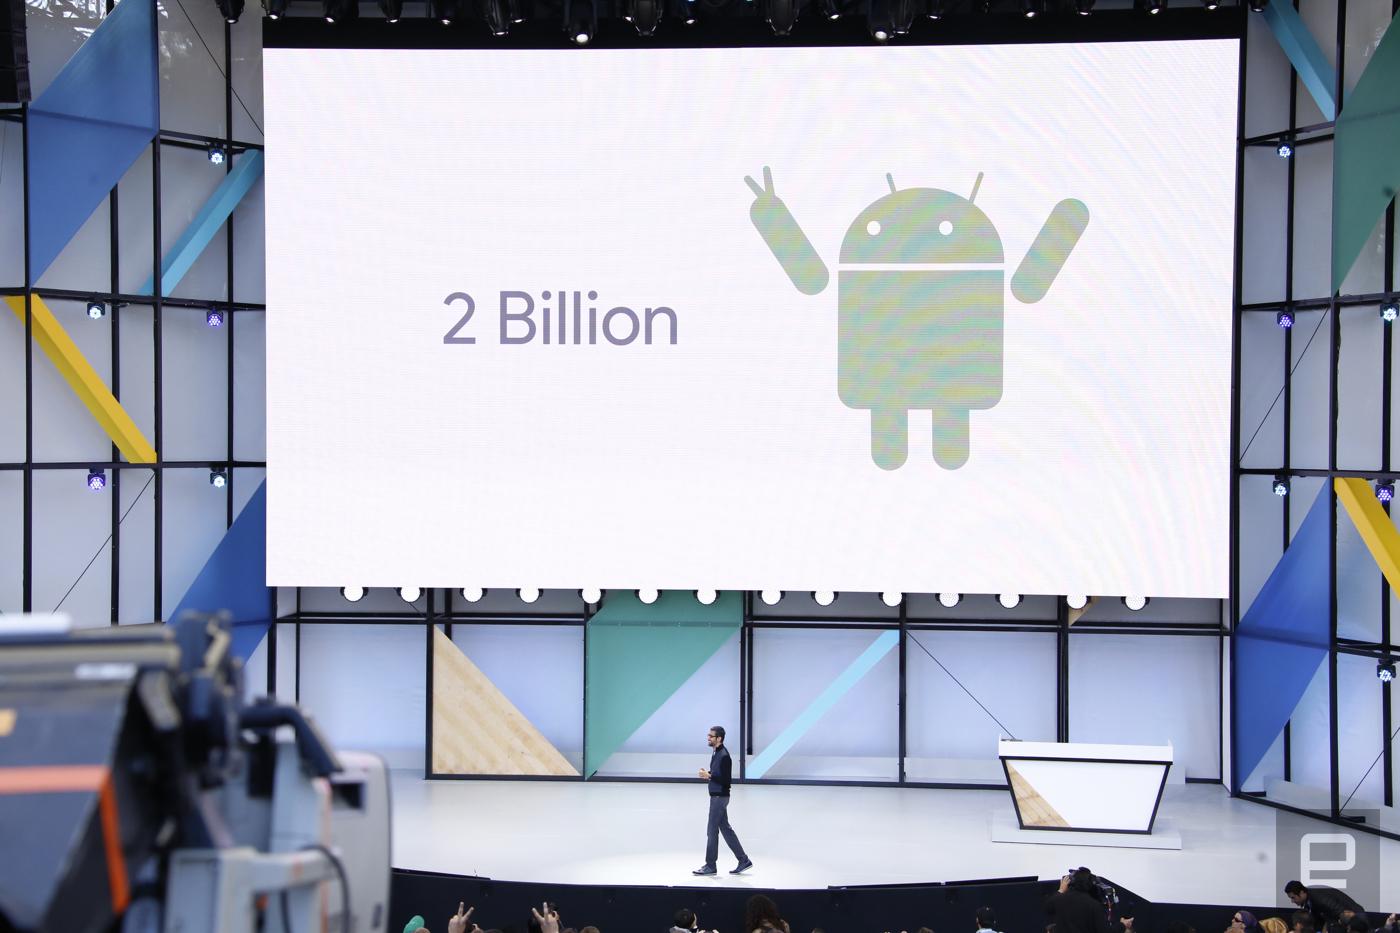 Dos mil millones: ese es el número de usuarios activos de Android que hay ahora en el mundo